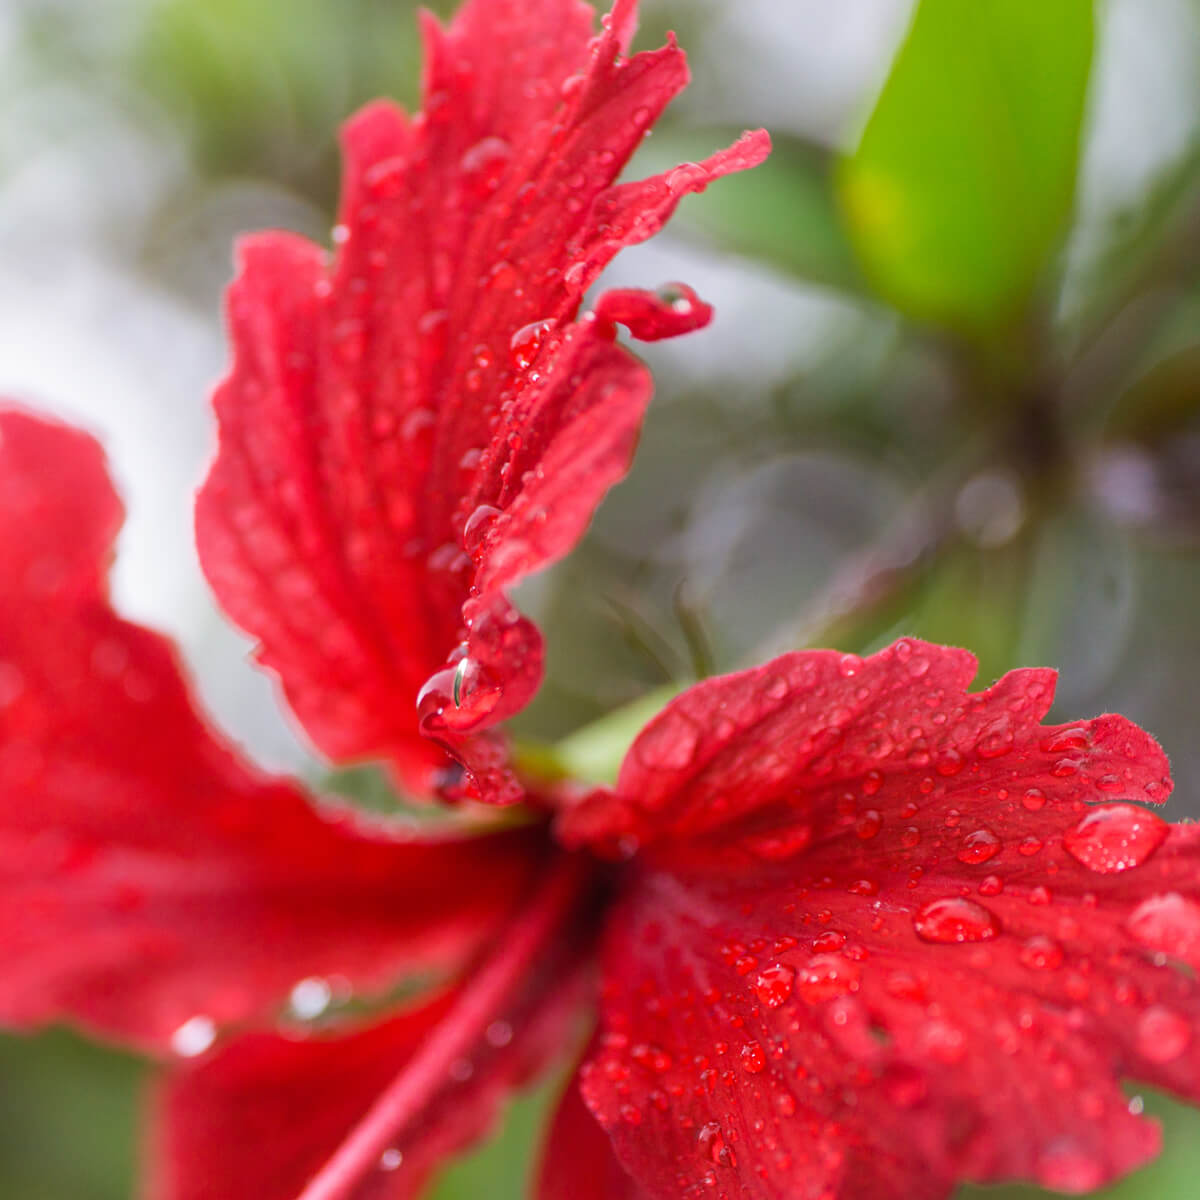 屋久島のハイビスカス、雨の雫 屋久島花ジュエリー オーダーメイドジュエリーのモチーフ